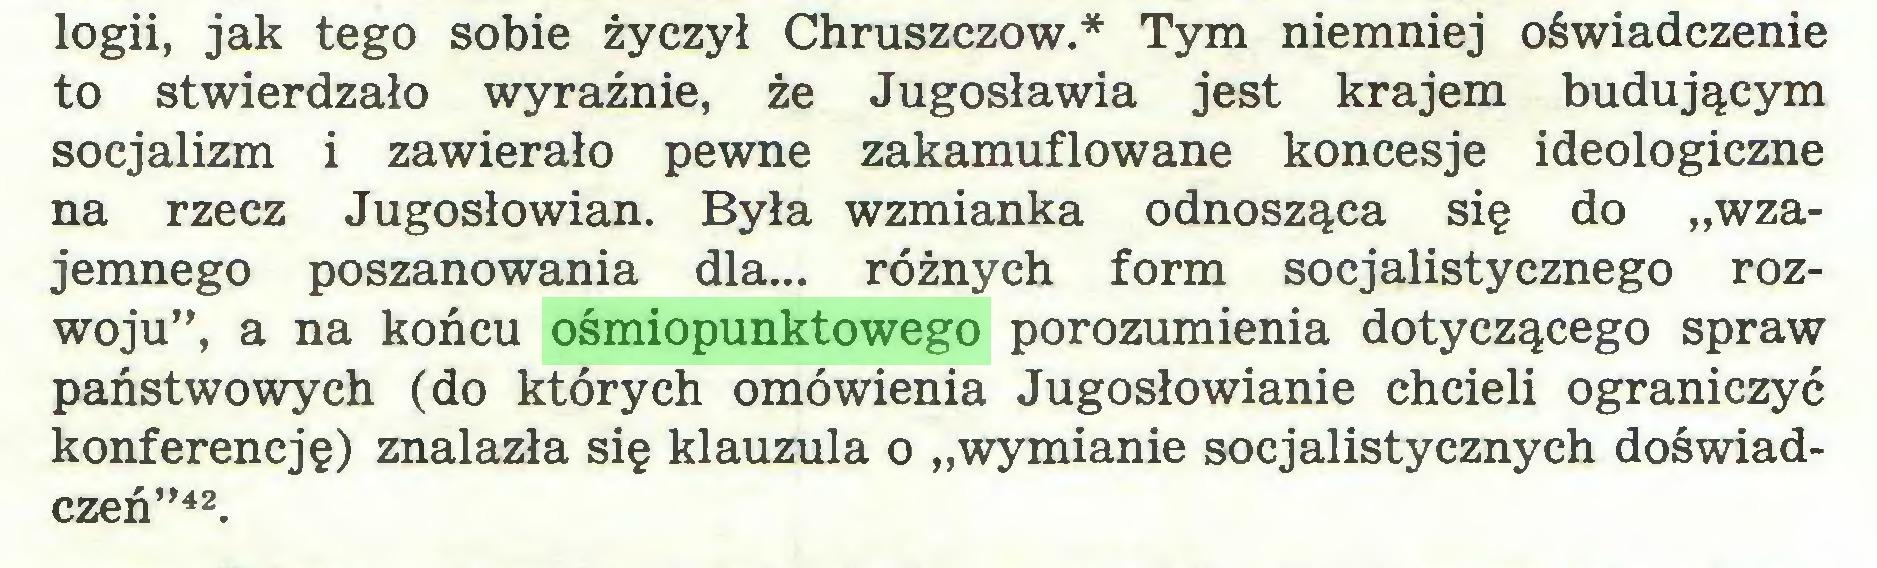 """(...) logii, jak tego sobie życzył Chruszczów.* Tym niemniej oświadczenie to stwierdzało wyraźnie, że Jugosławia jest krajem budującym socjalizm i zawierało pewne zakamuflowane koncesje ideologiczne na rzecz Jugosłowian. Była wzmianka odnosząca się do """"wzajemnego poszanowania dla... różnych form socjalistycznego rozwoju"""", a na końcu ośmiopunktowego porozumienia dotyczącego spraw państwowych (do których omówienia Jugosłowianie chcieli ograniczyć konferencję) znalazła się klauzula o """"wymianie socjalistycznych doświadczeń""""42..."""